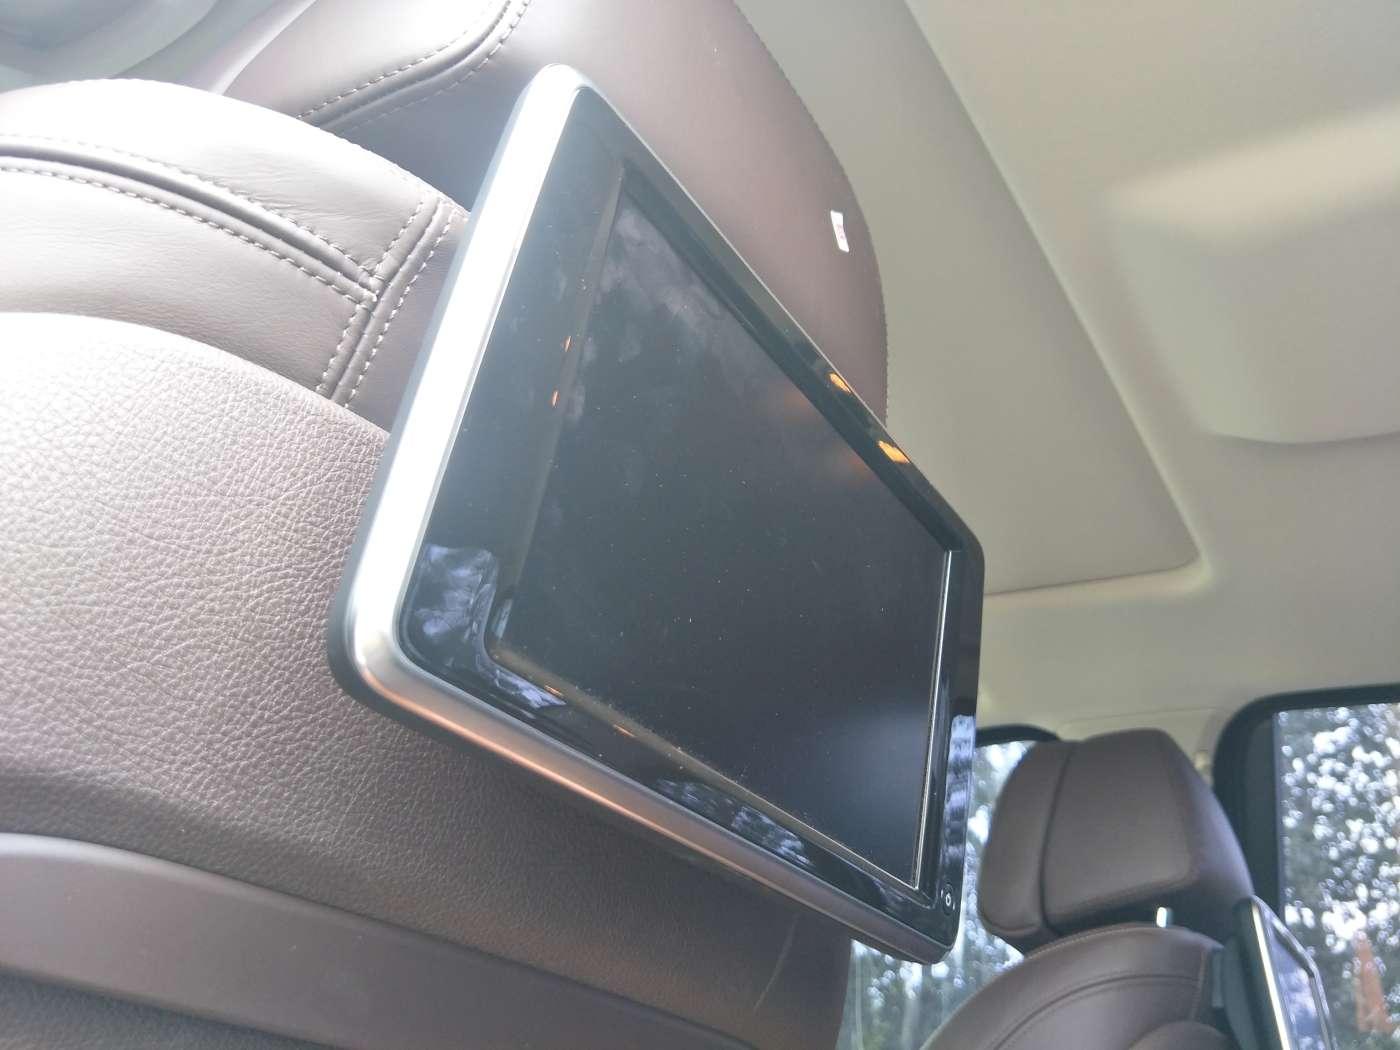 2014年05月 宝马5系 2014款 535Li 行政型 豪华设计套装|甄选宝马-北京卡斯基汽车服务有限公司